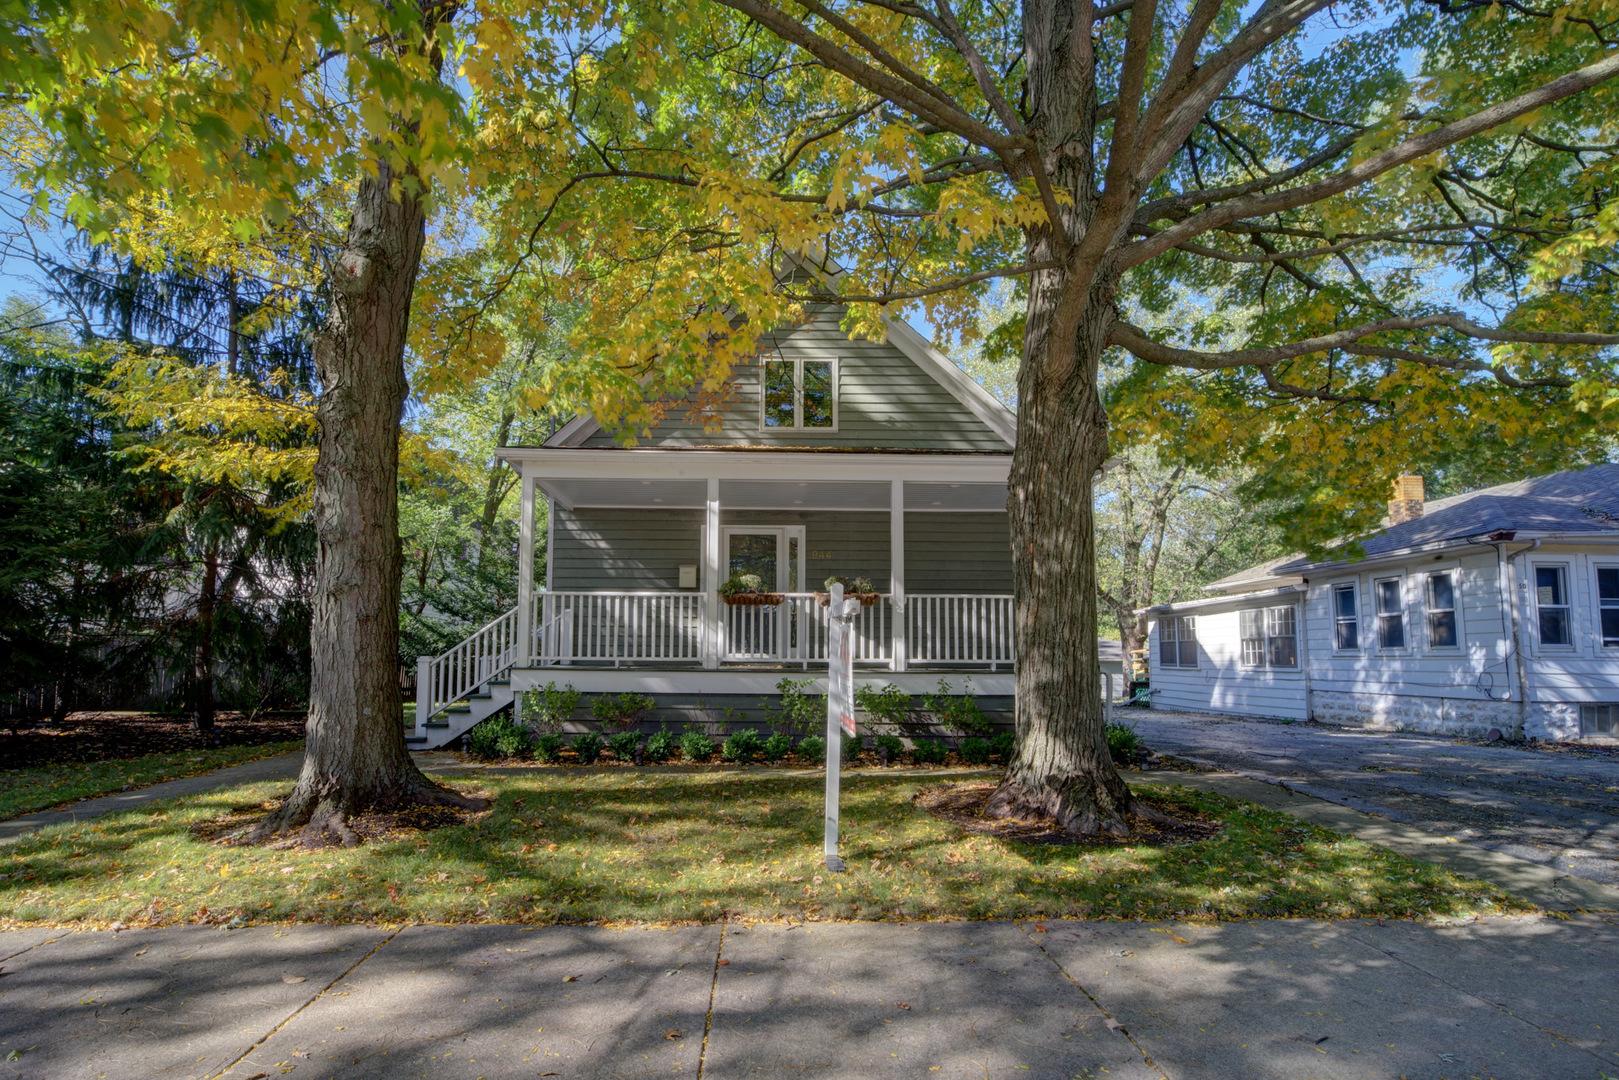 3 Bedroom Homes for sale in Deerfield, Illinois   Deerfield MLS ...